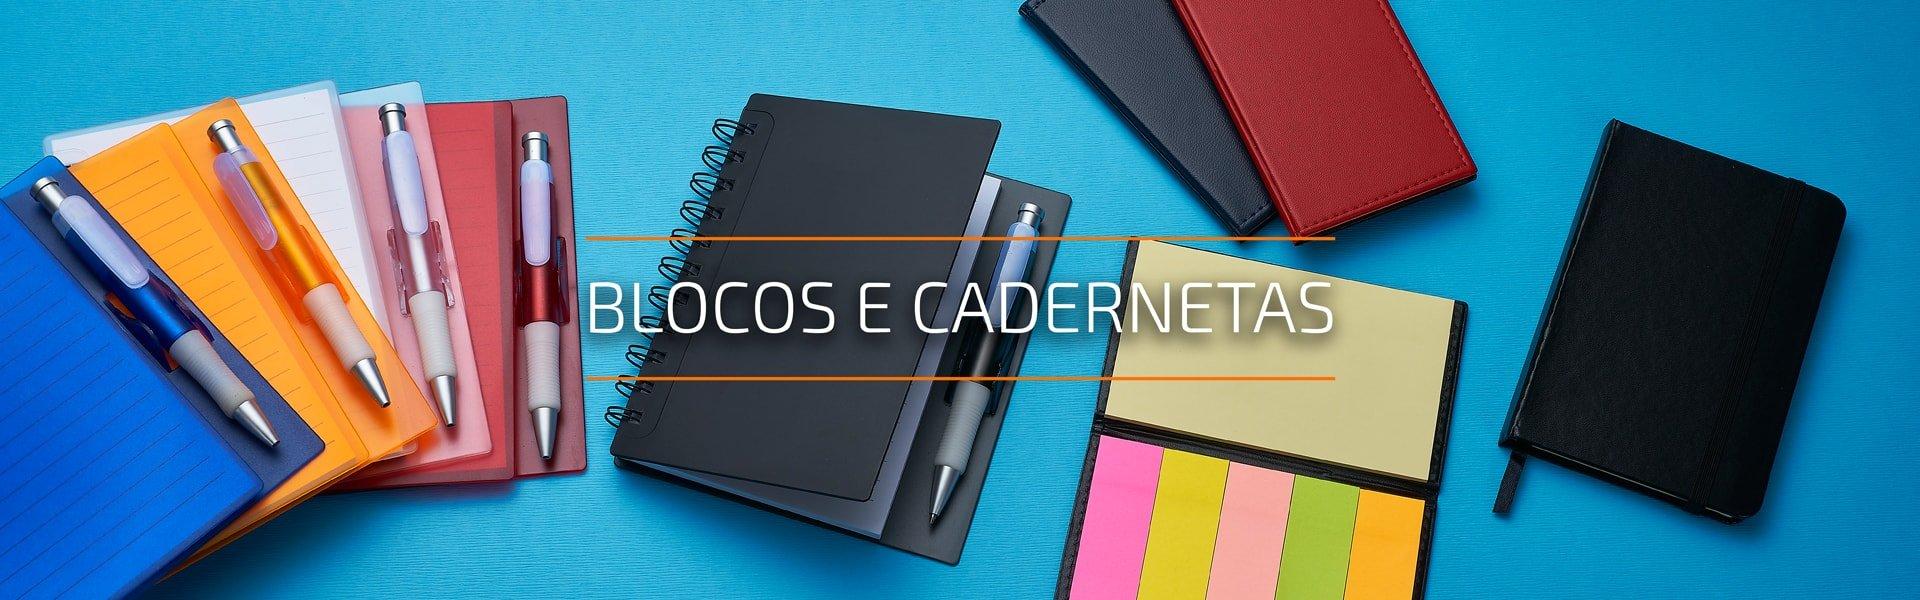 Blocos e Cadernetas Personalizados